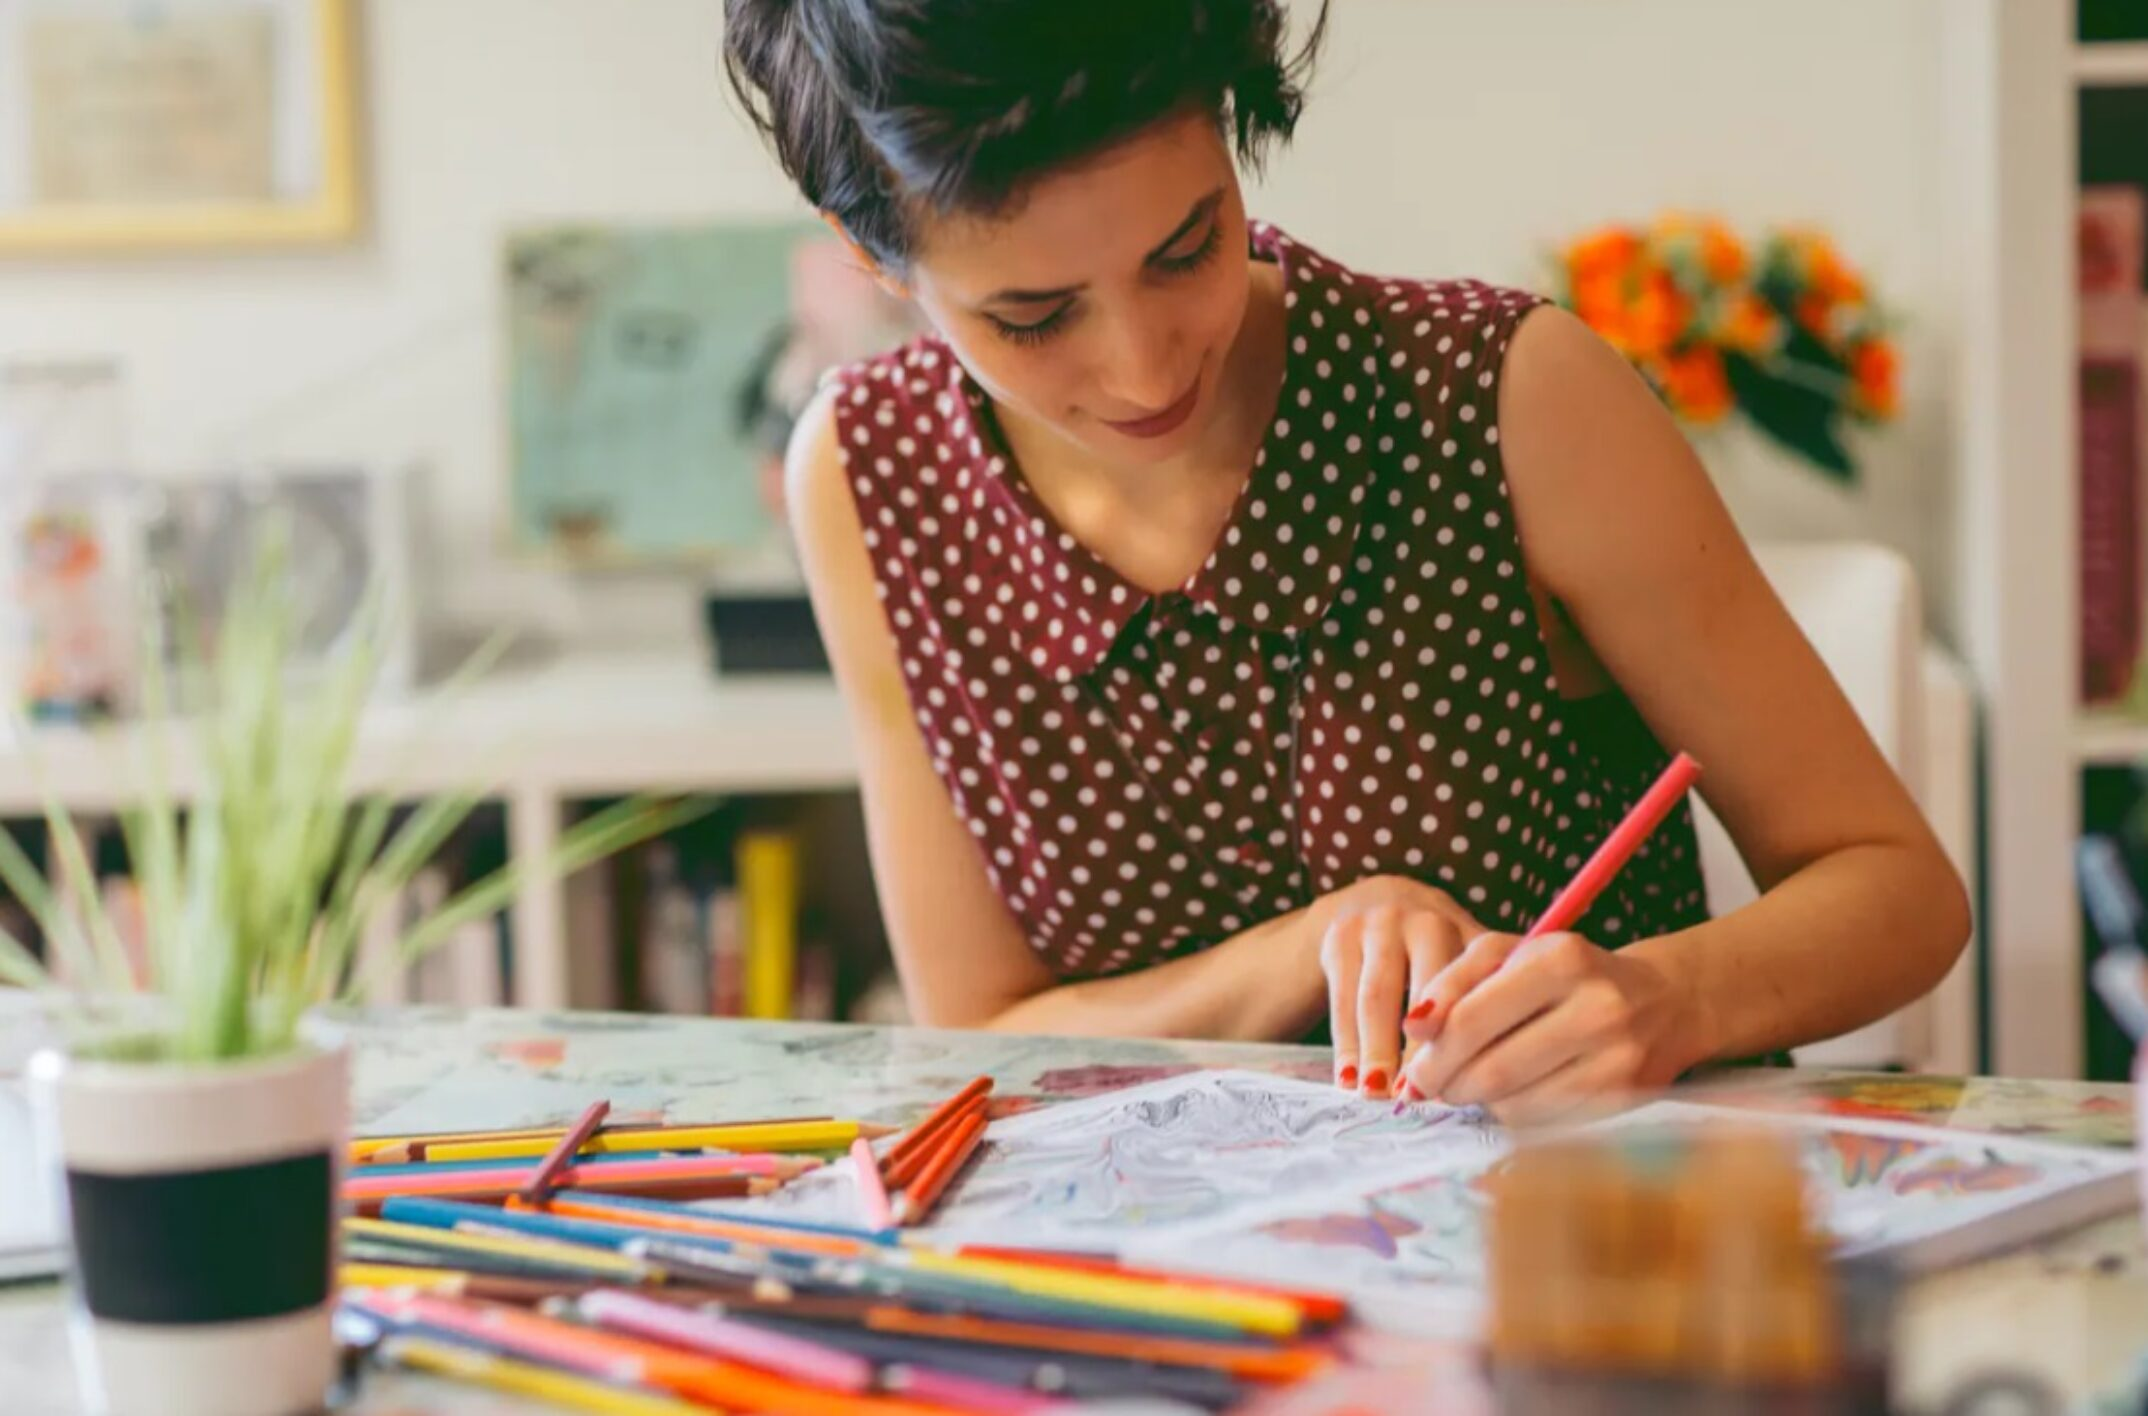 Loisirs créatifs: comment surmonter le stress grâce au coloriage?